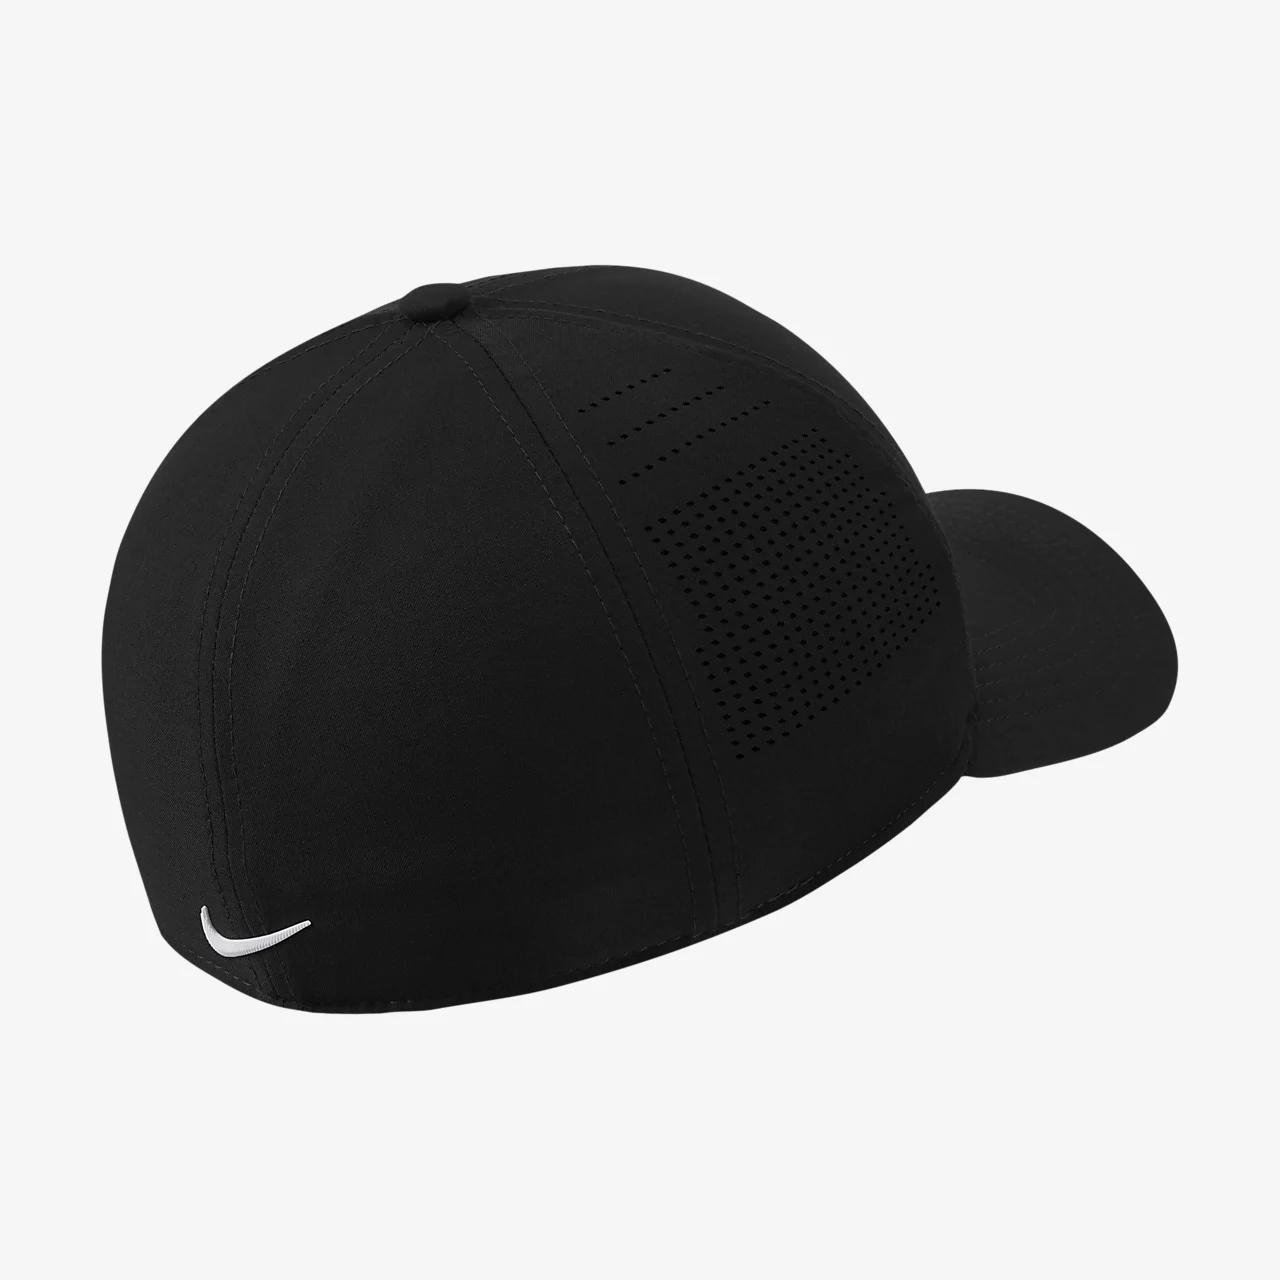 나이키 에어로빌 클래식 99 골프 모자 BV1073-010